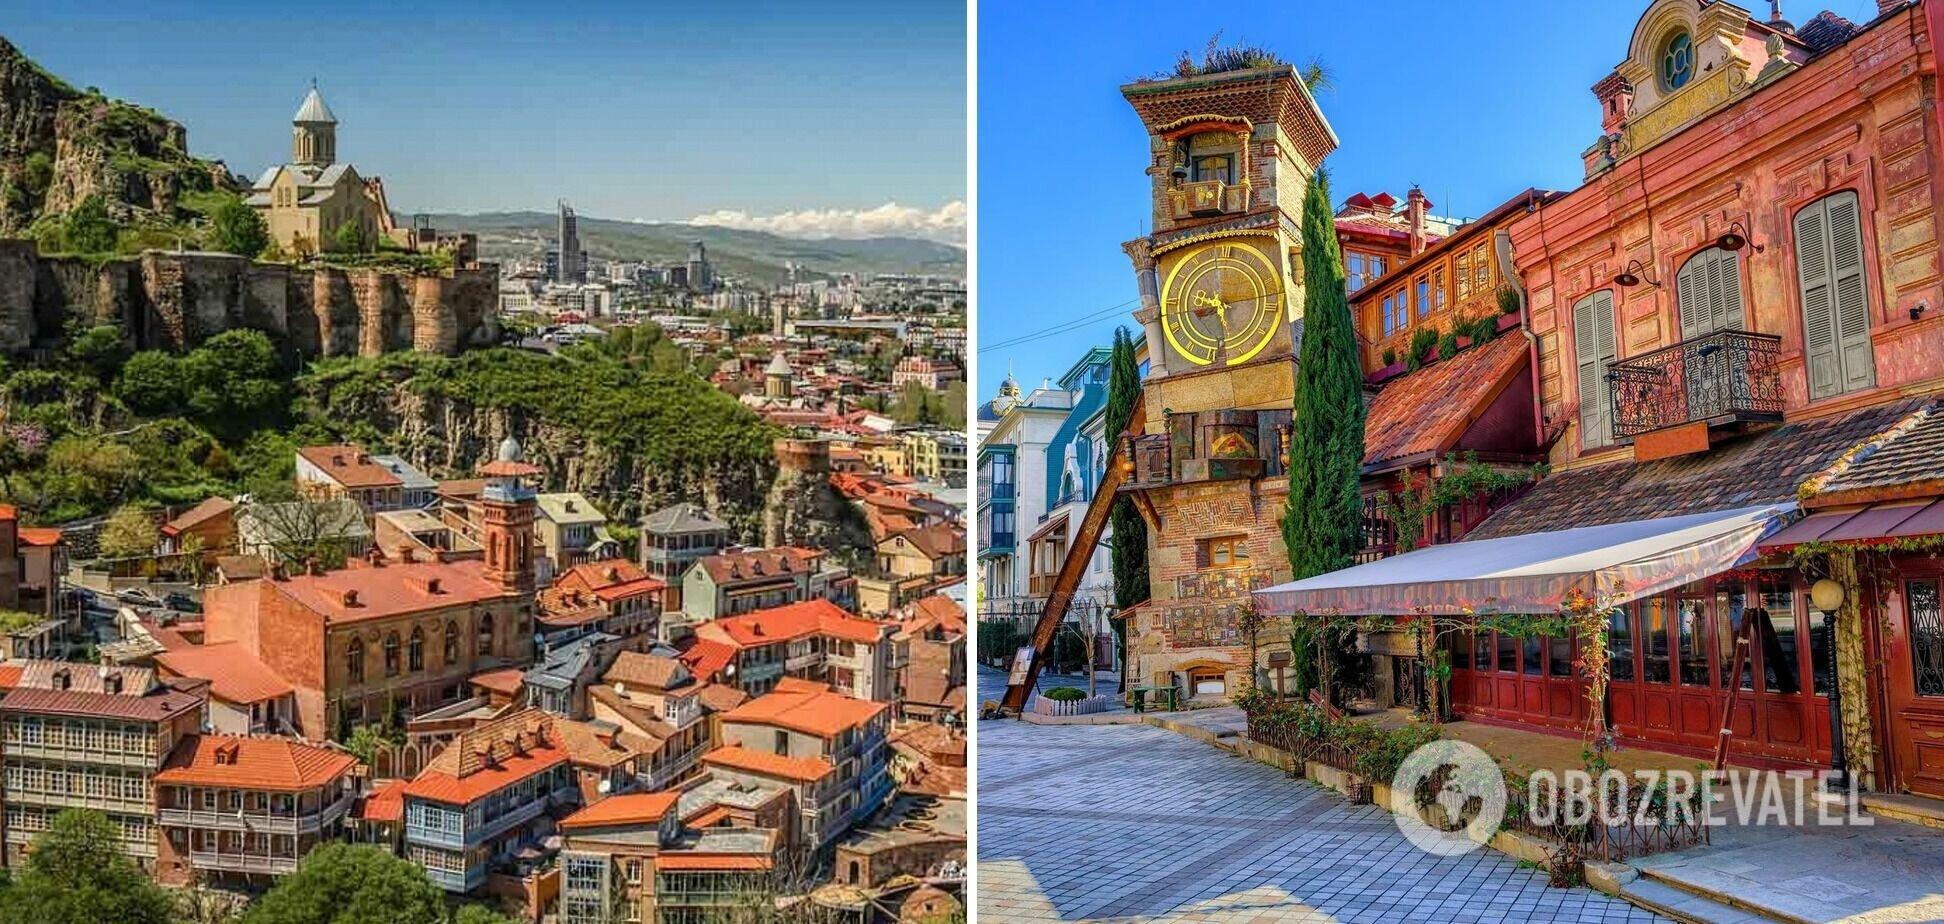 Тбилиси является самым дешевым городом в Европе